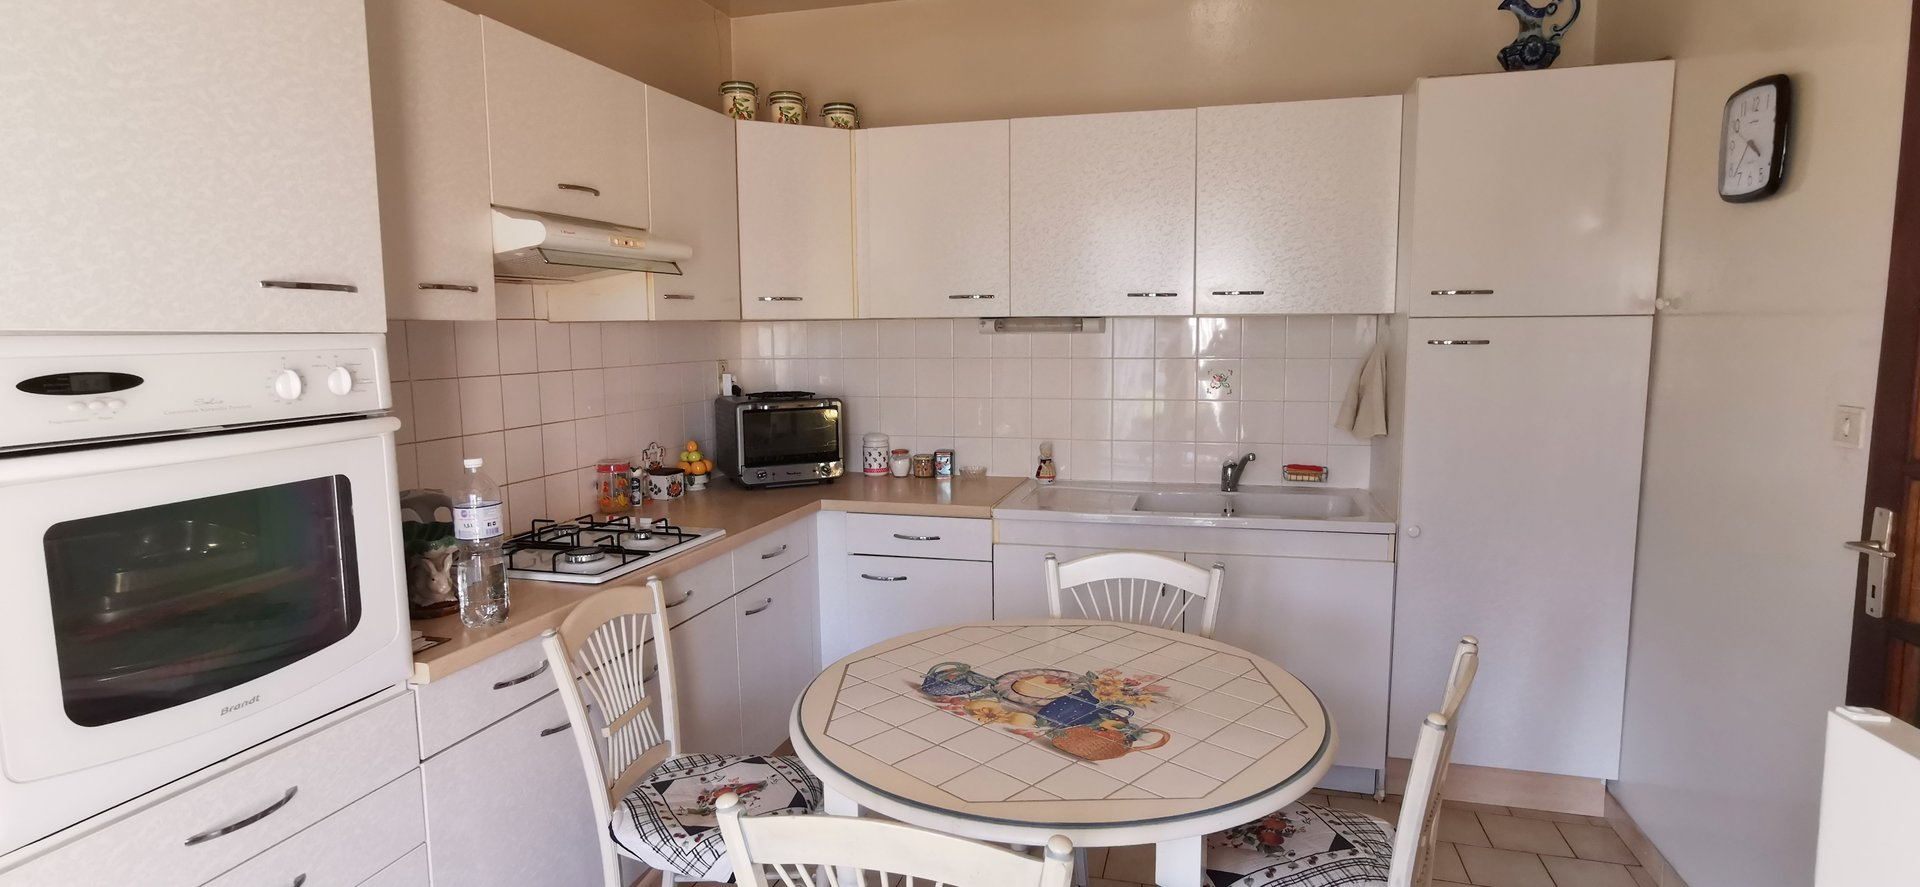 Maison plain pied sur 561 m²